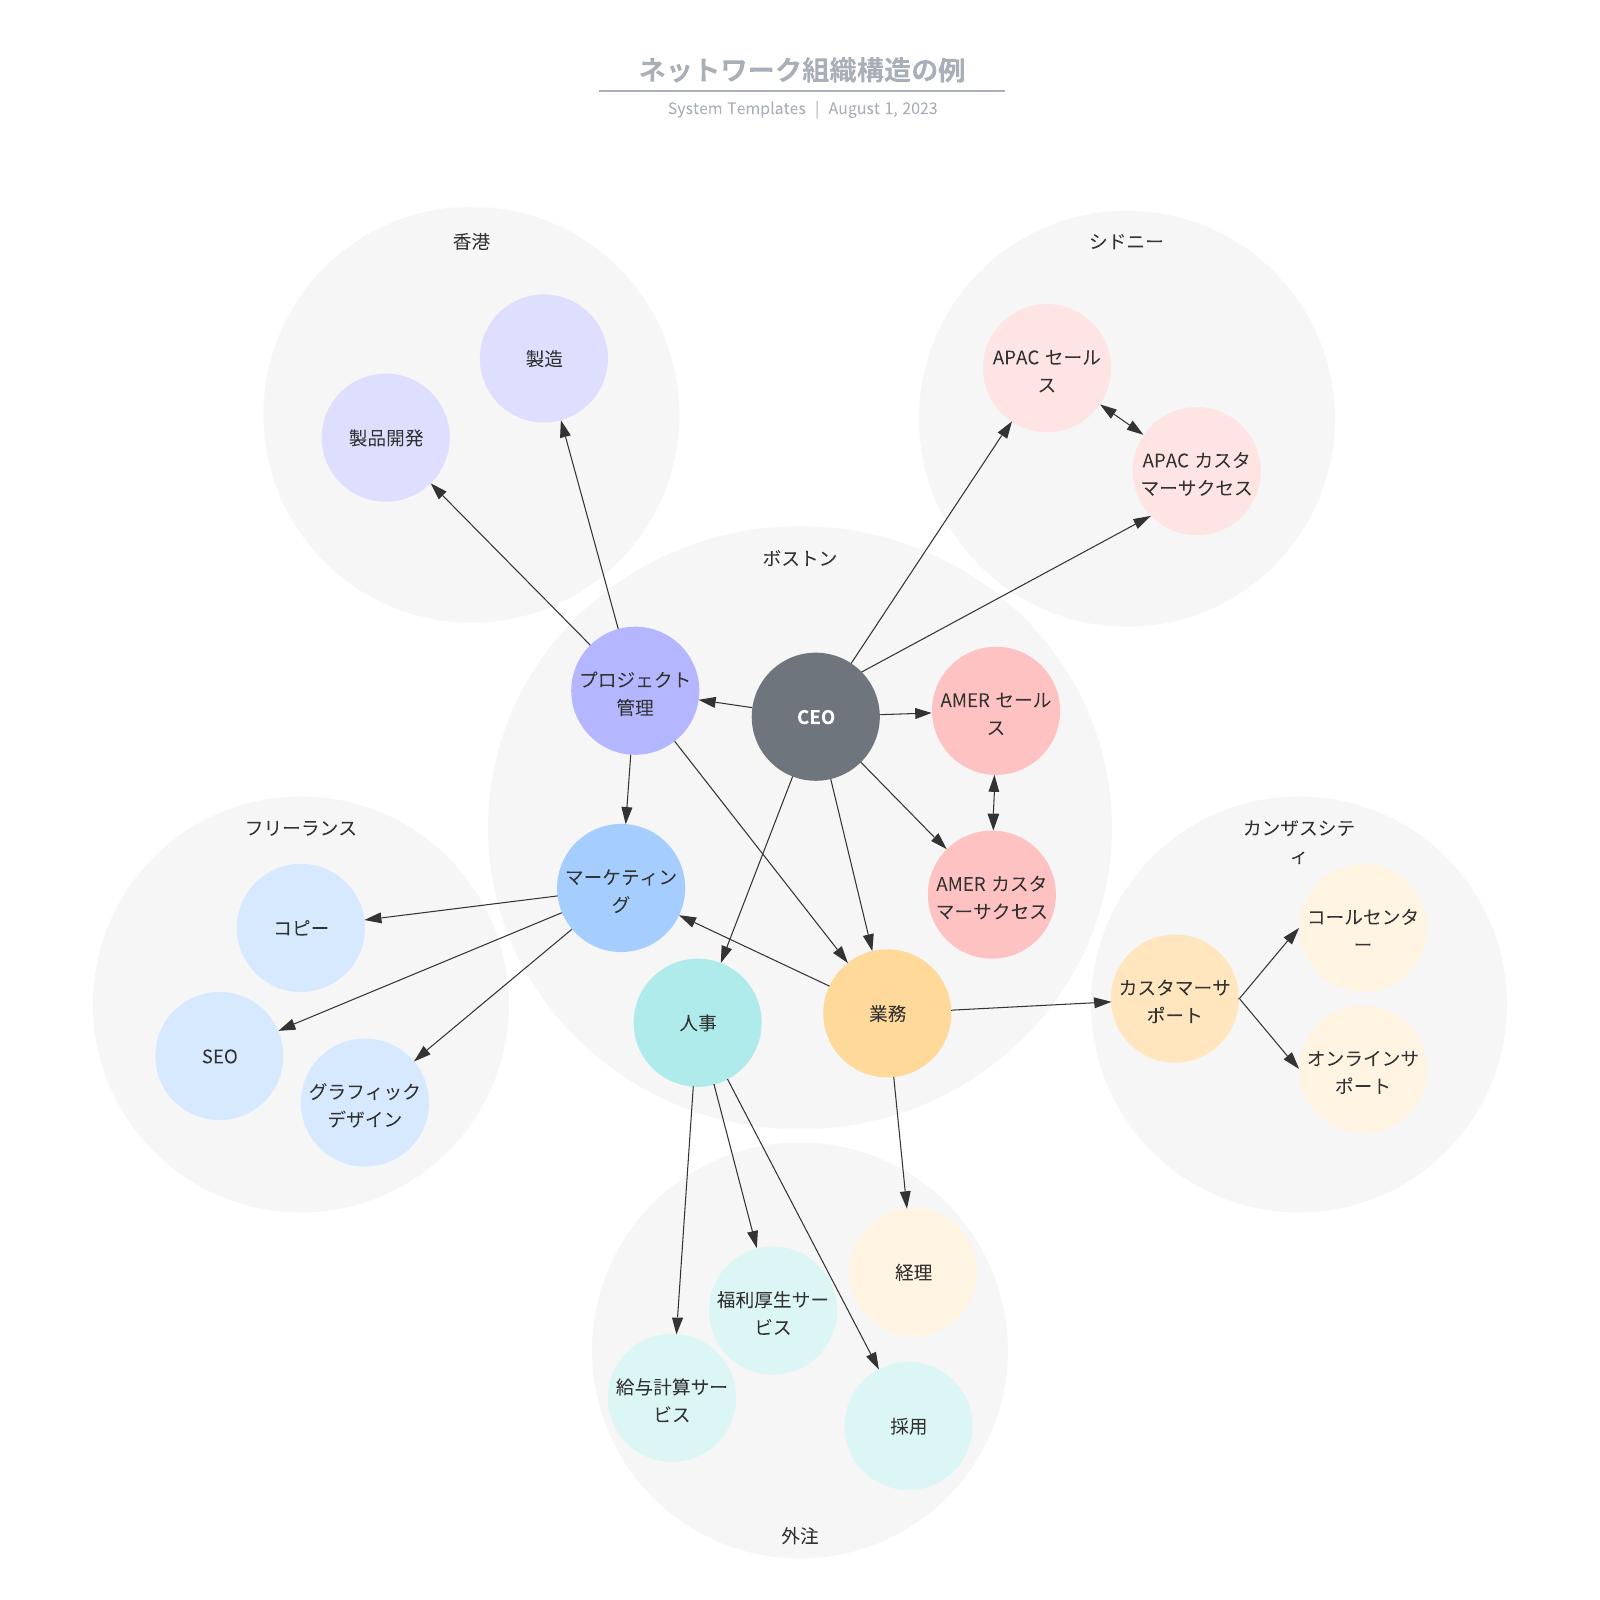 ネットワーク組織構造の例と無料テンプレ